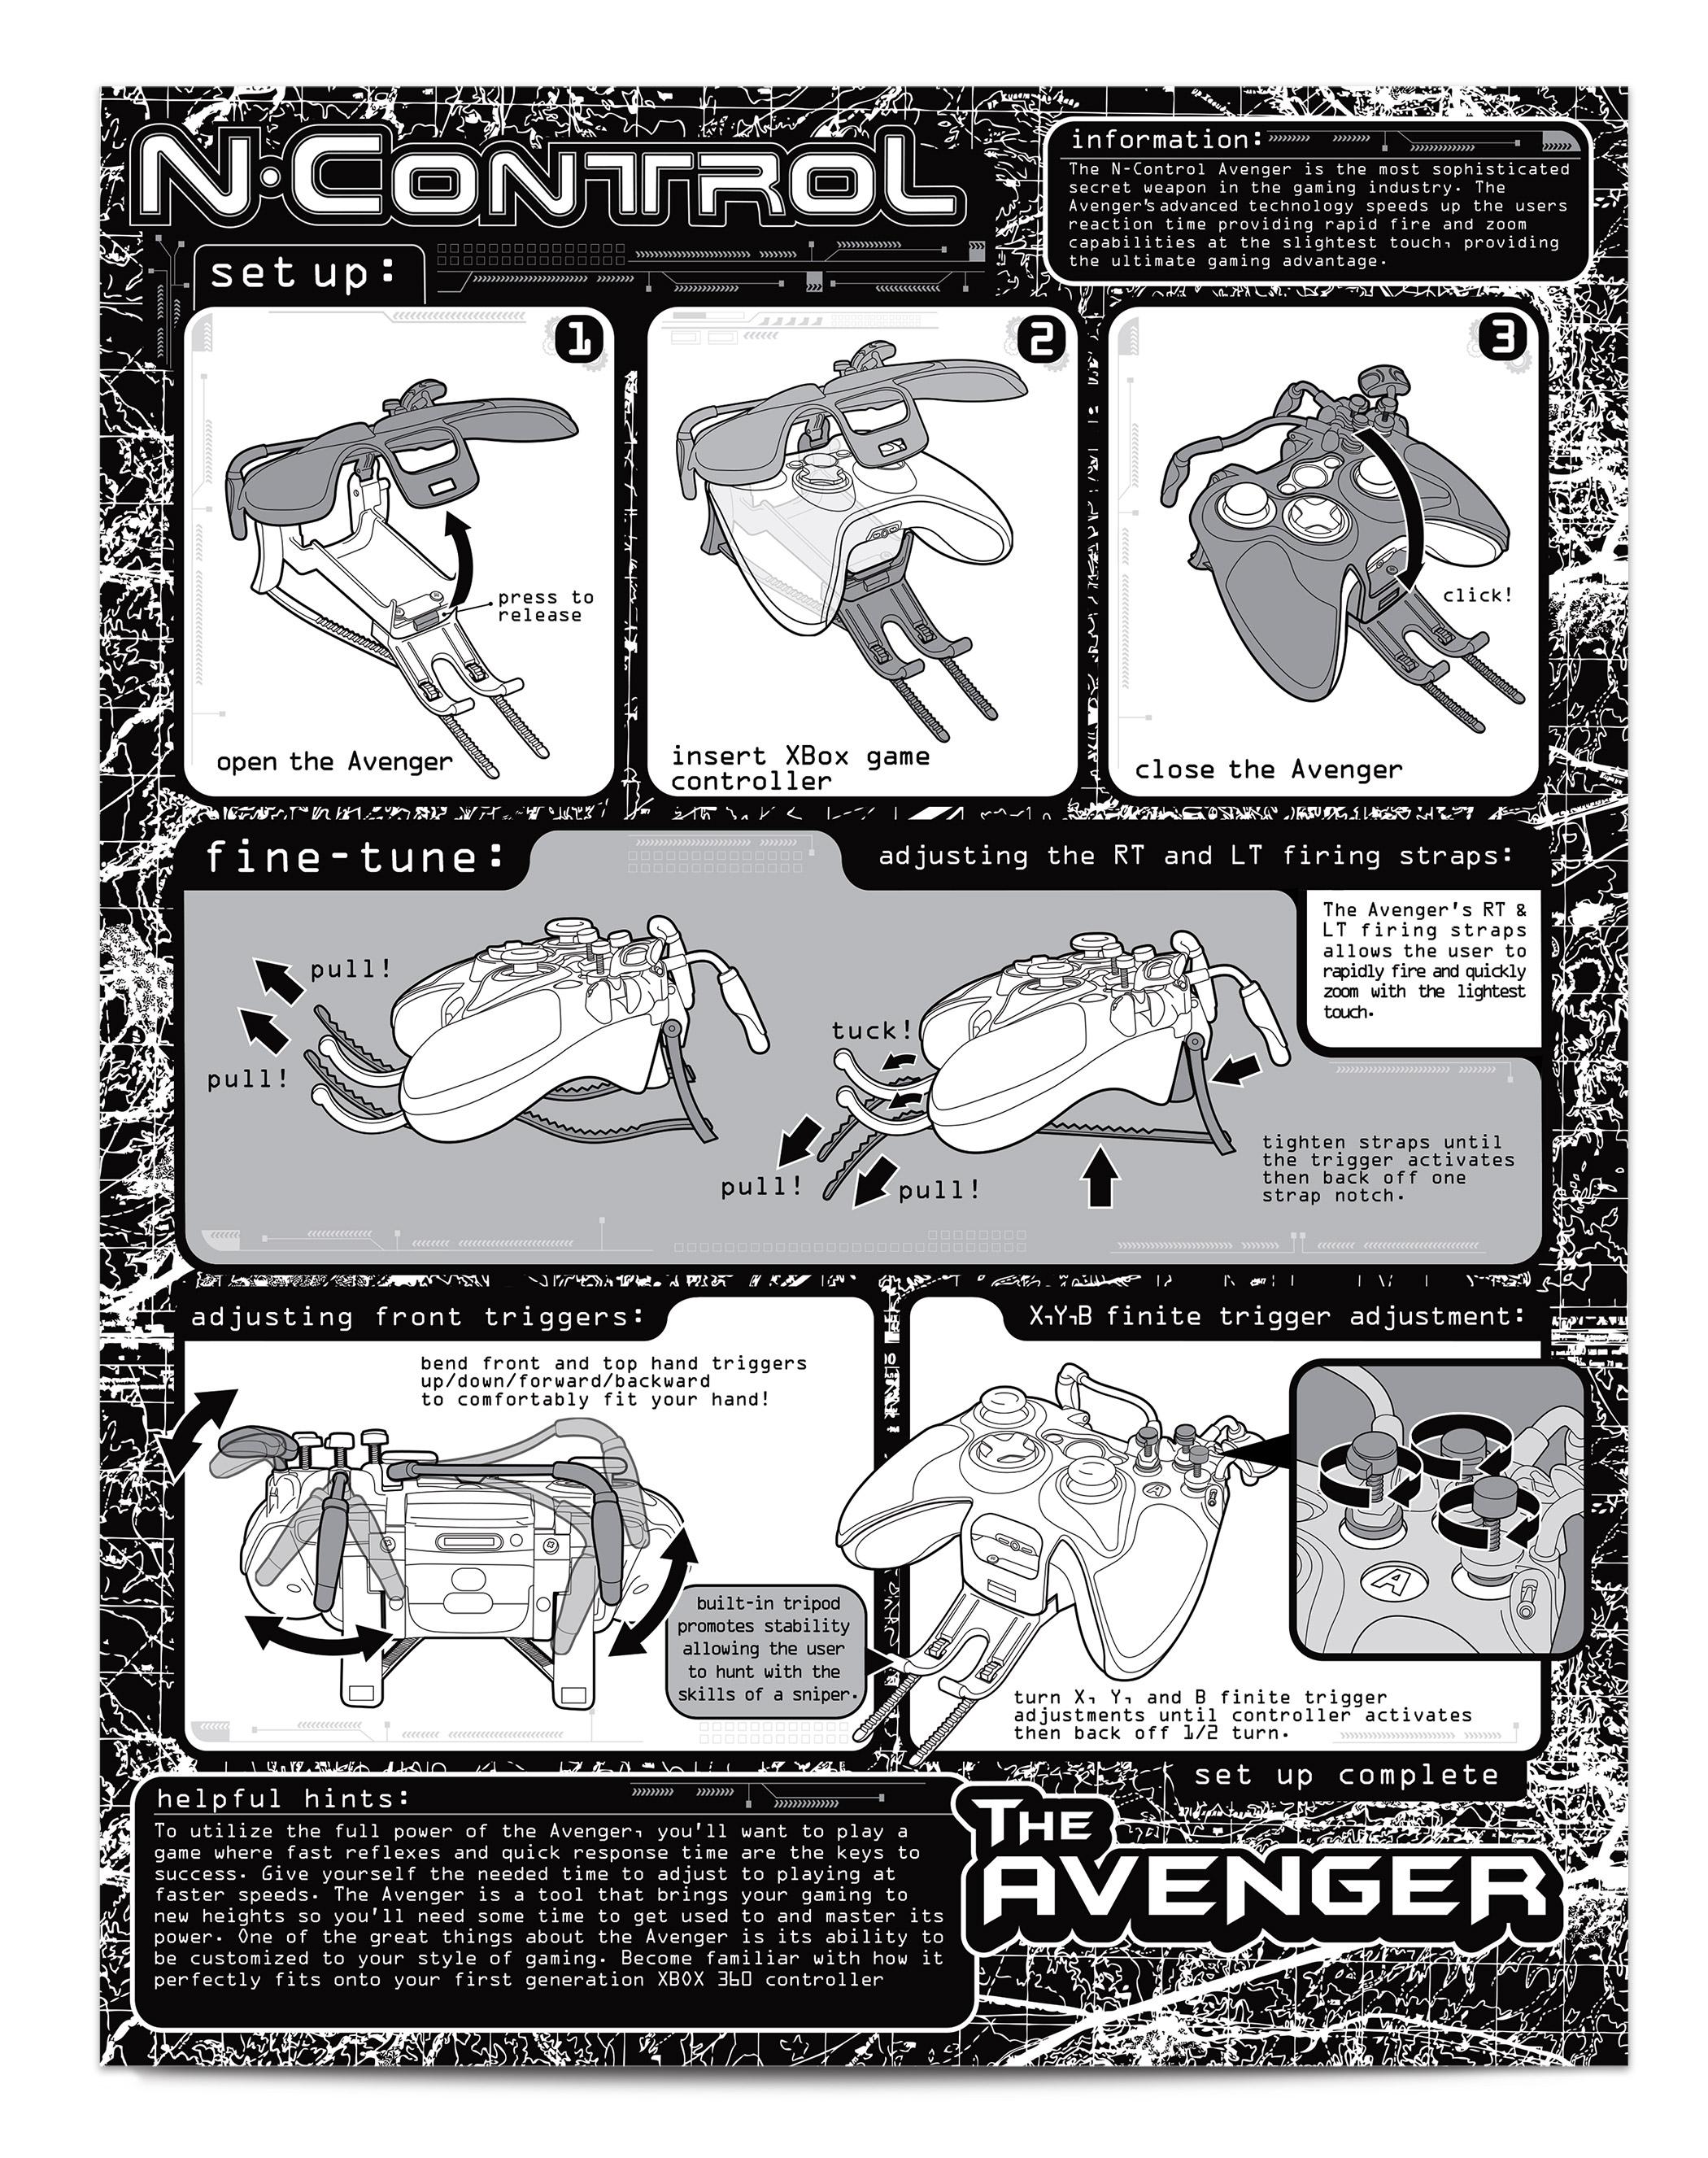 Avenger-Instruction-for-web.jpg